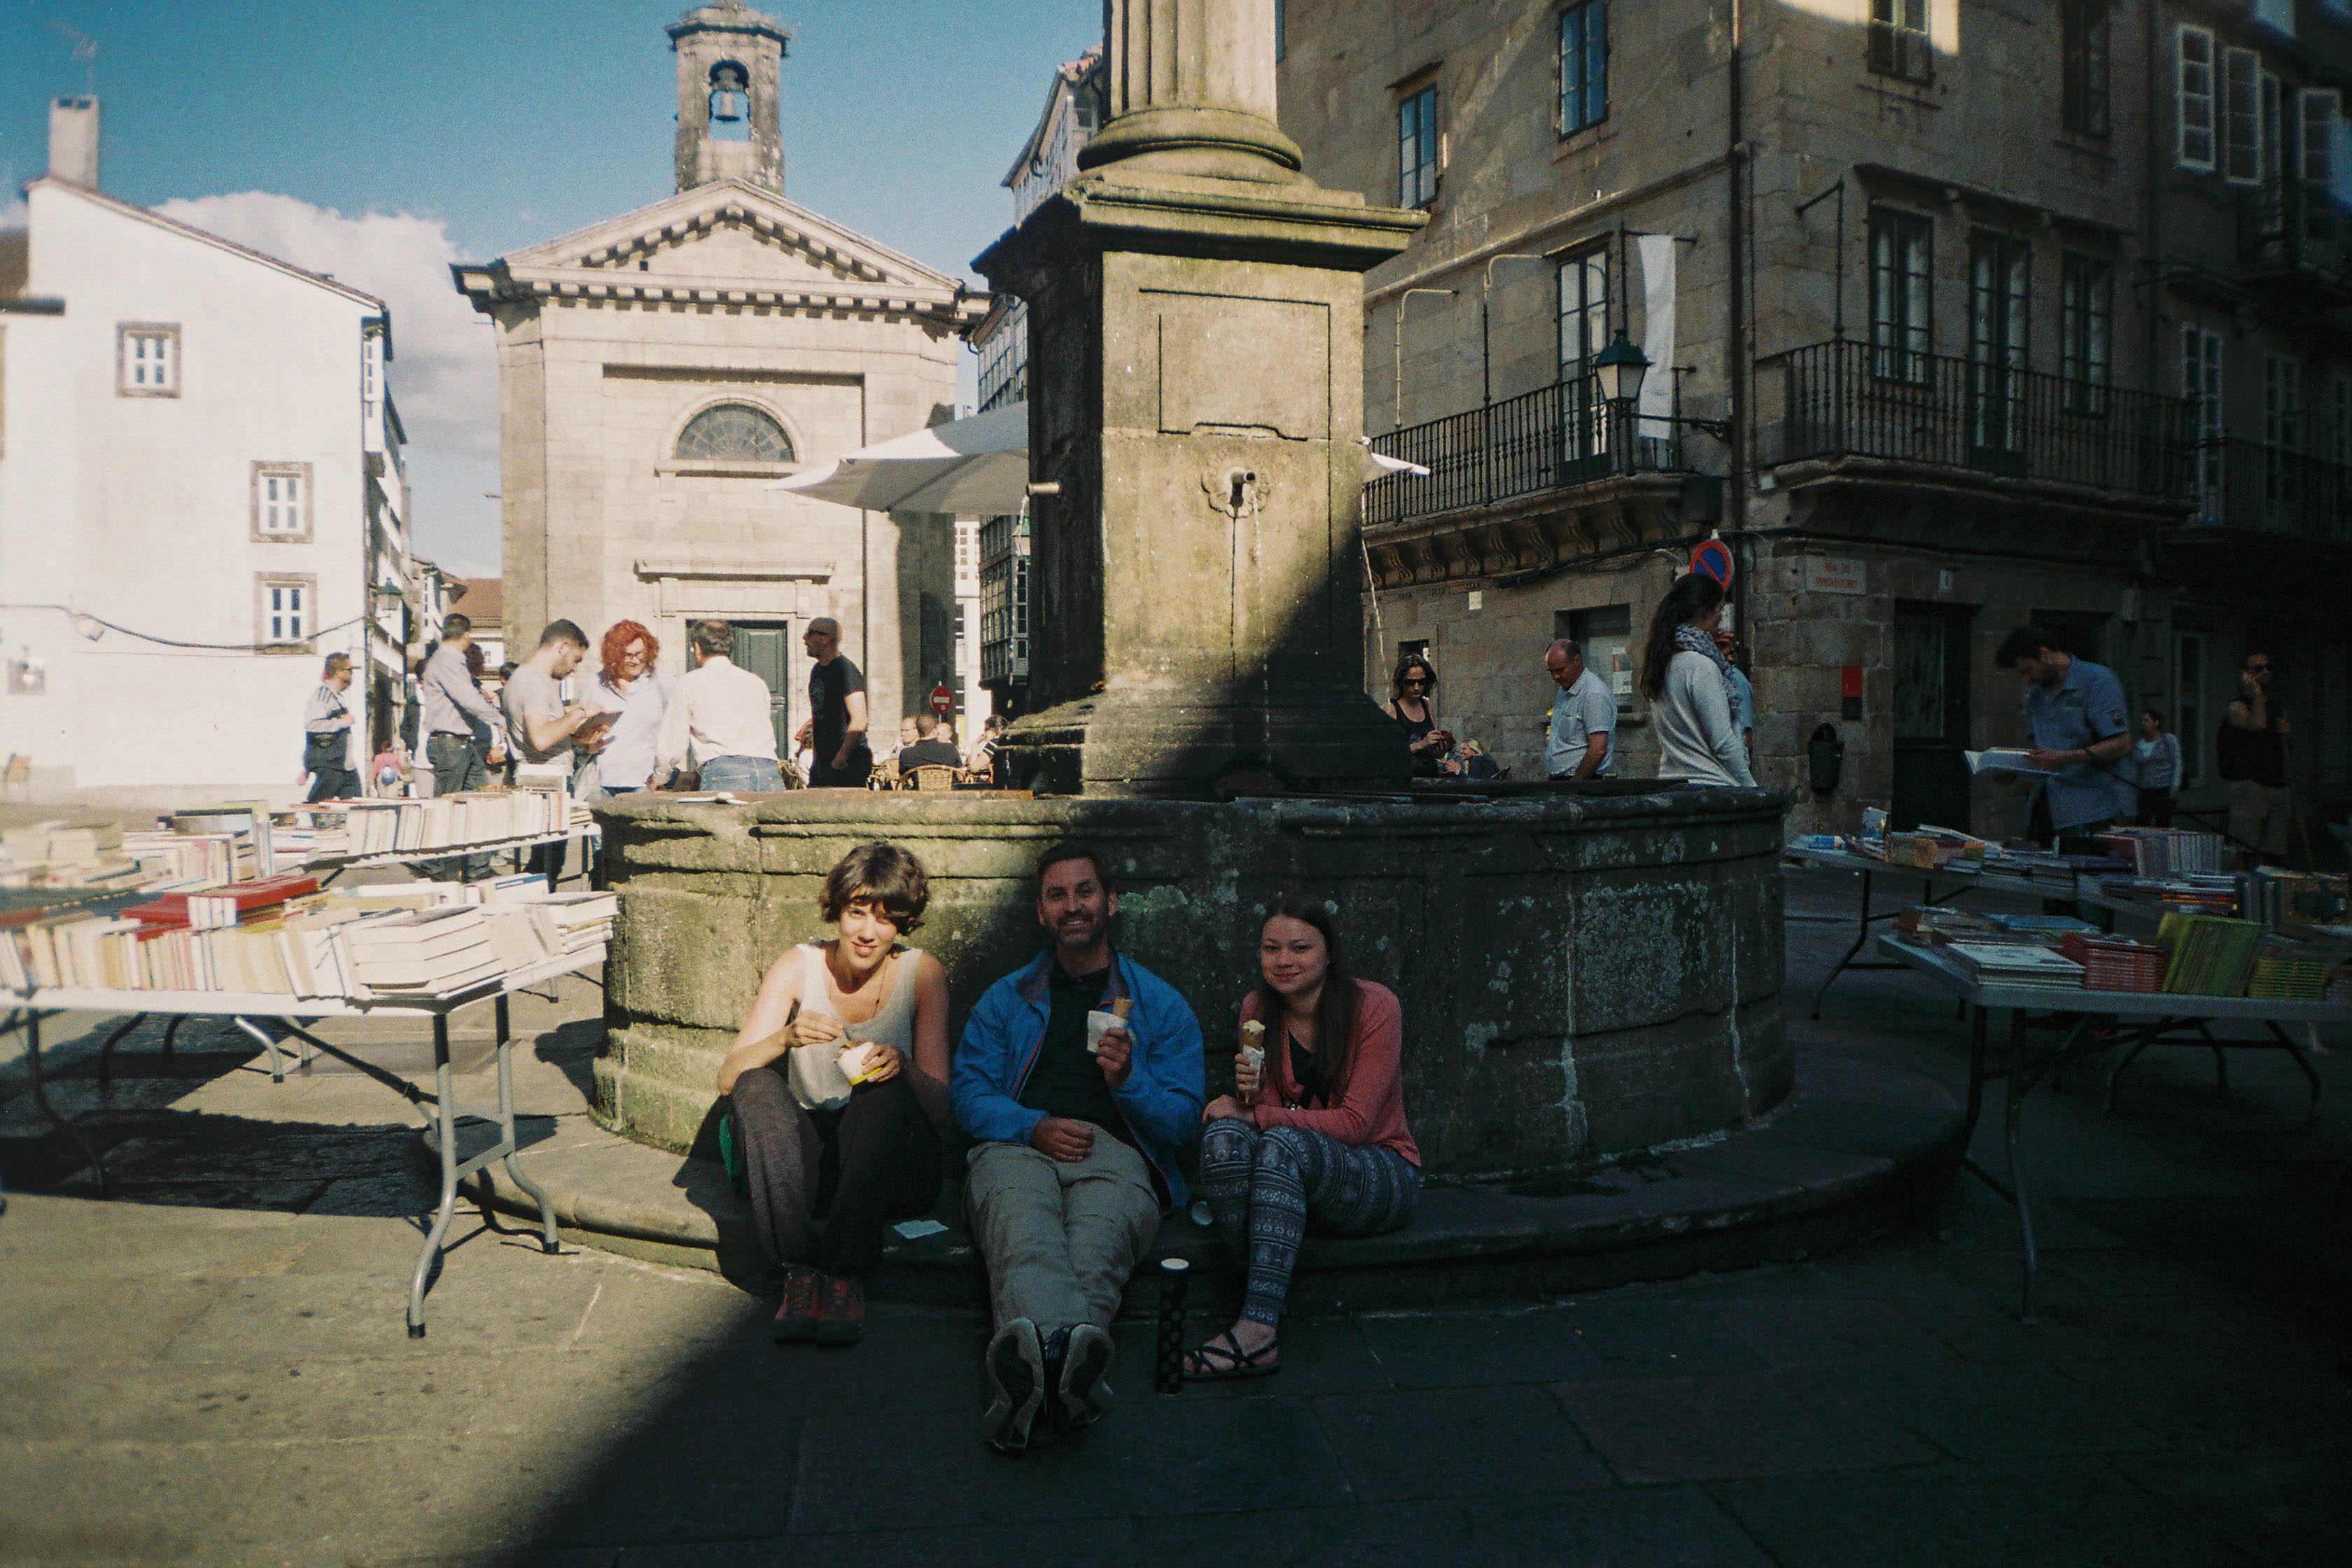 http://lafilladelfotografu.irenavisa.com/files/gimgs/97_f1000021-1.jpg